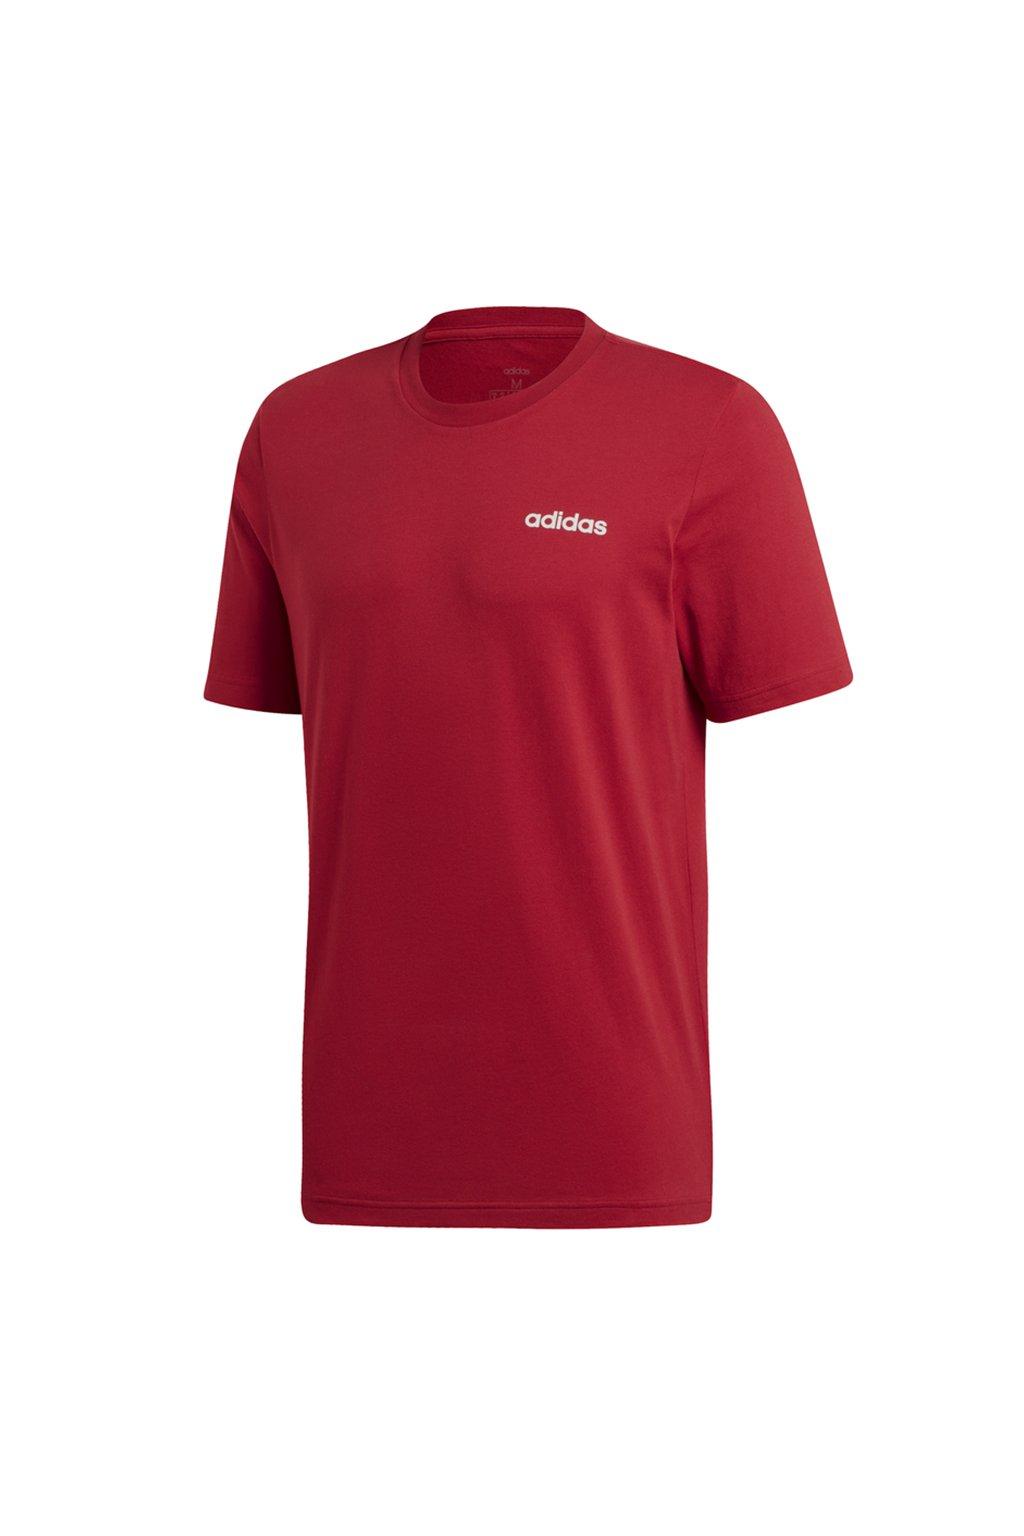 Pánske tričko Adidas Essentials Plain Tee vínová EI9780